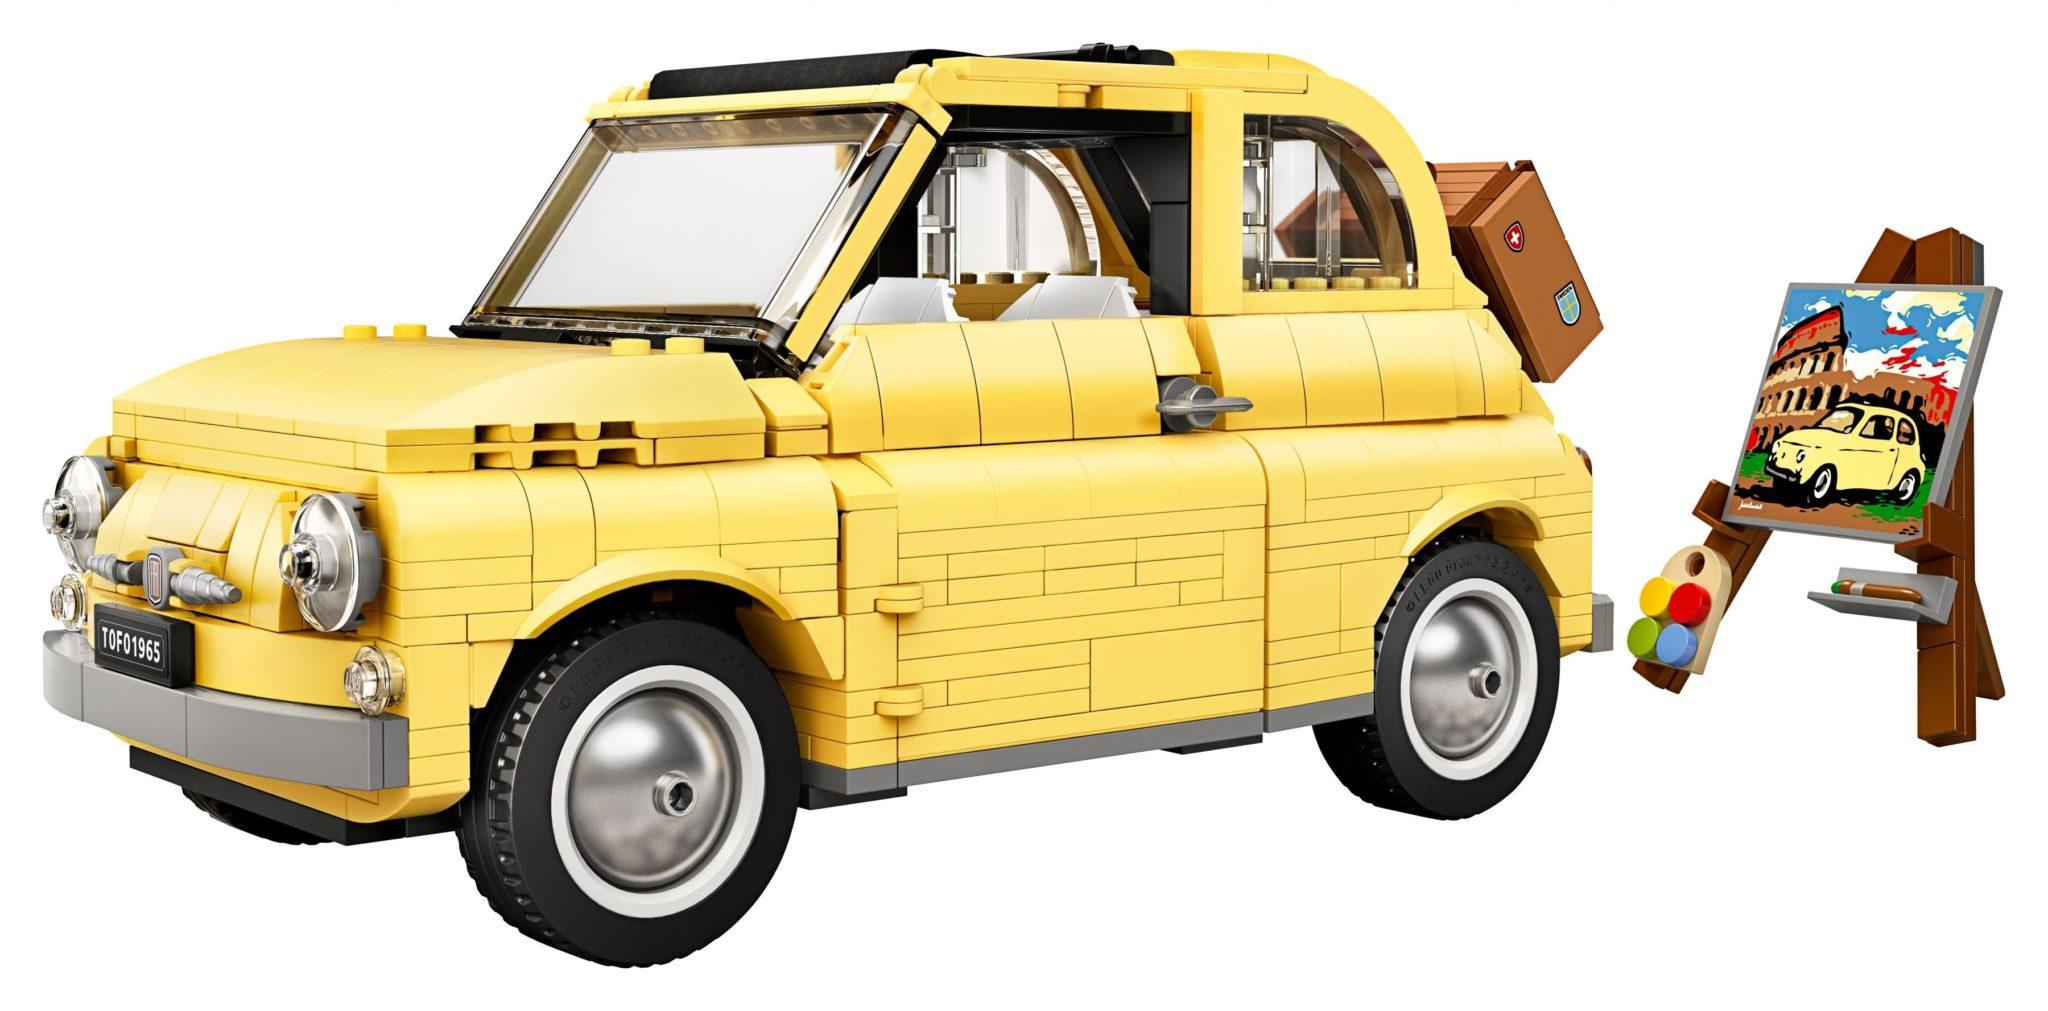 LEGO 10271 Farbprobleme